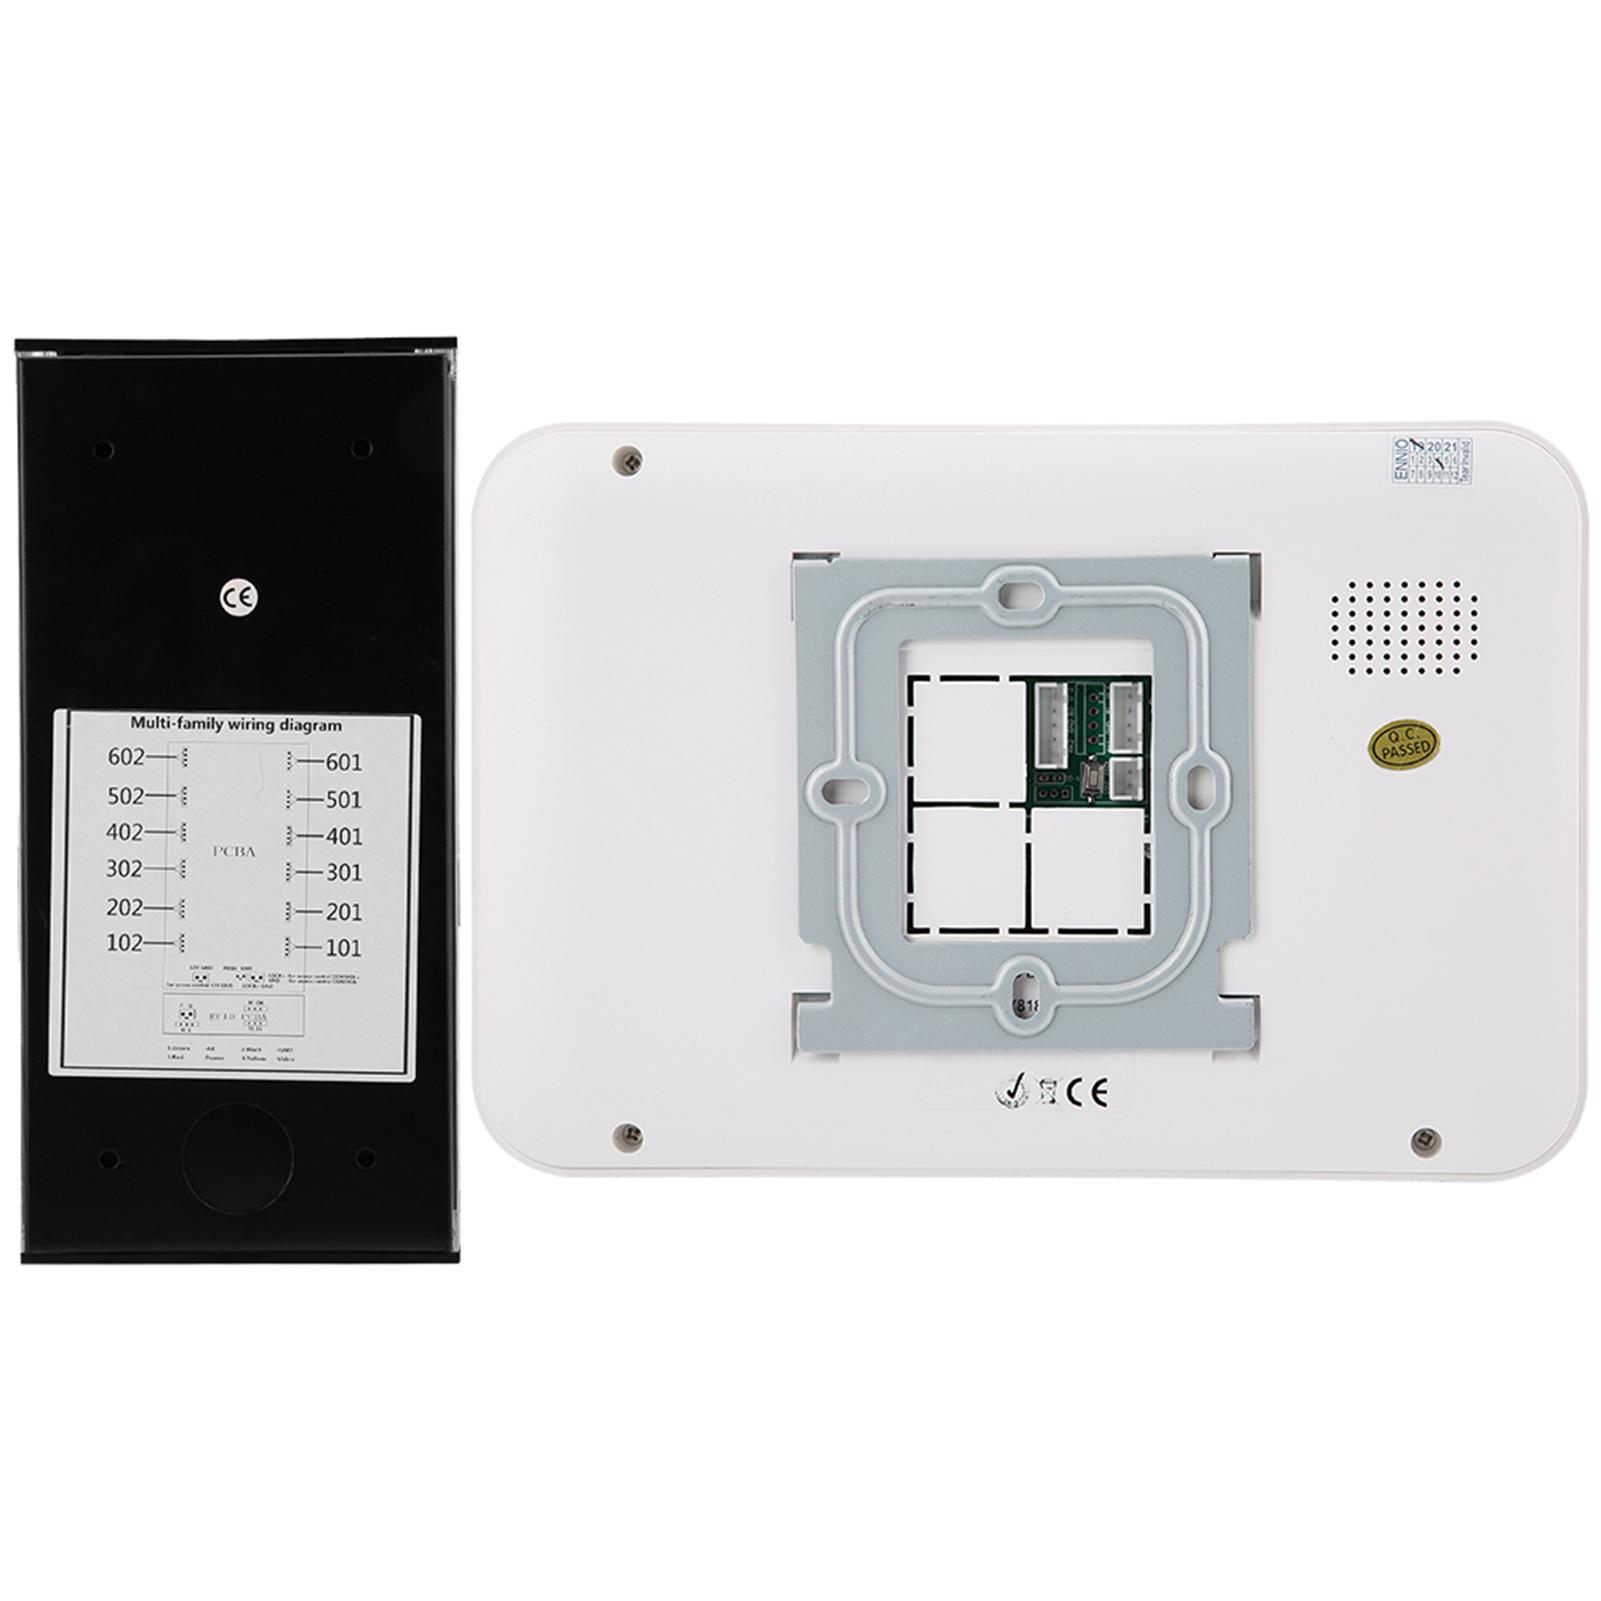 Audio-Intercom-Doorbell-7in-TFT-LCD-Video-Camera-Outdoor-Night-View-Waterproof miniature 19